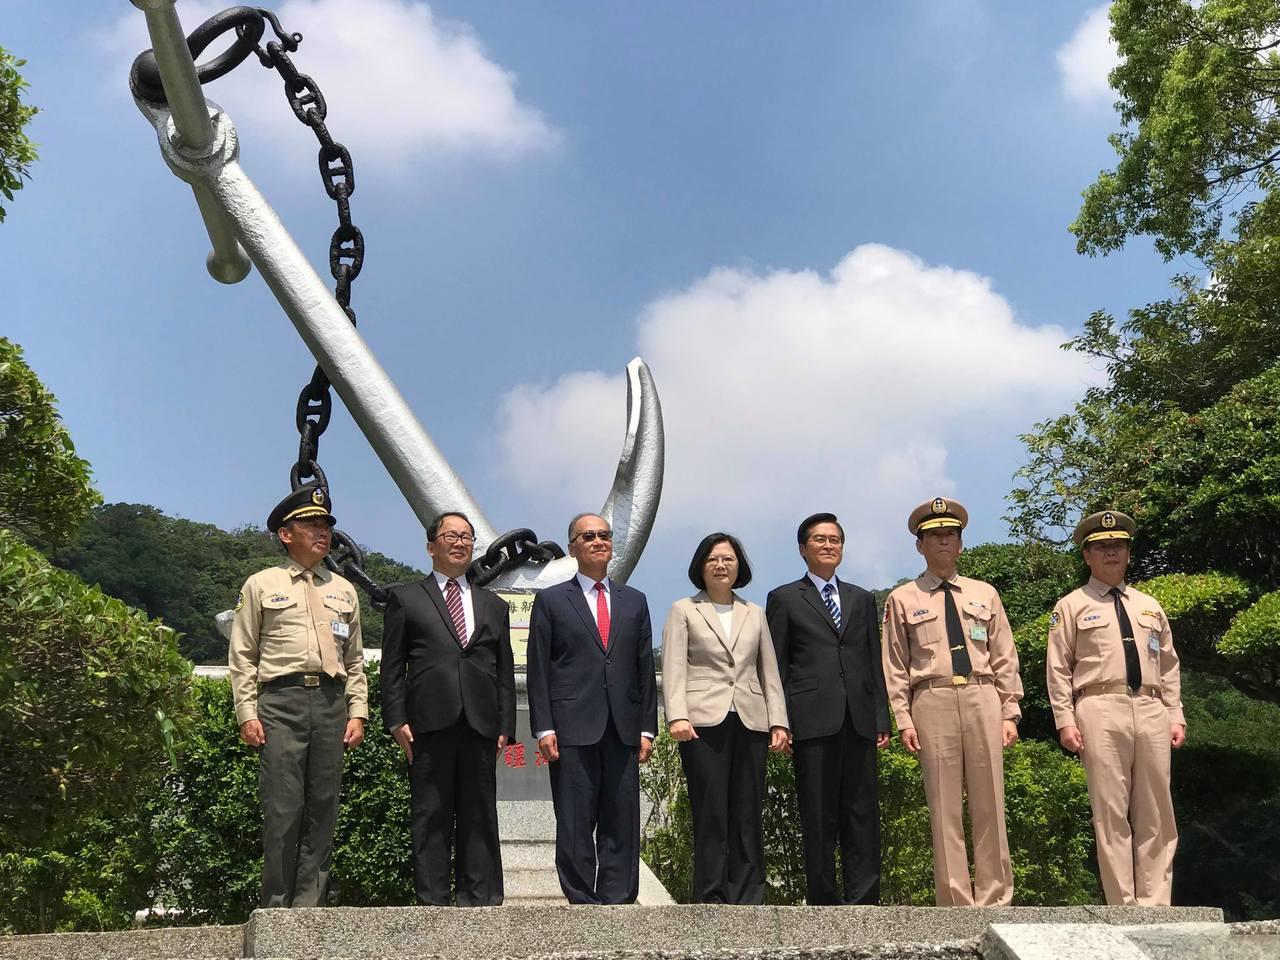 總統蔡英文(中)至海軍司令部進行「新海軍啟航」紀念碑揭牌典禮。記者林麒瑋/攝影